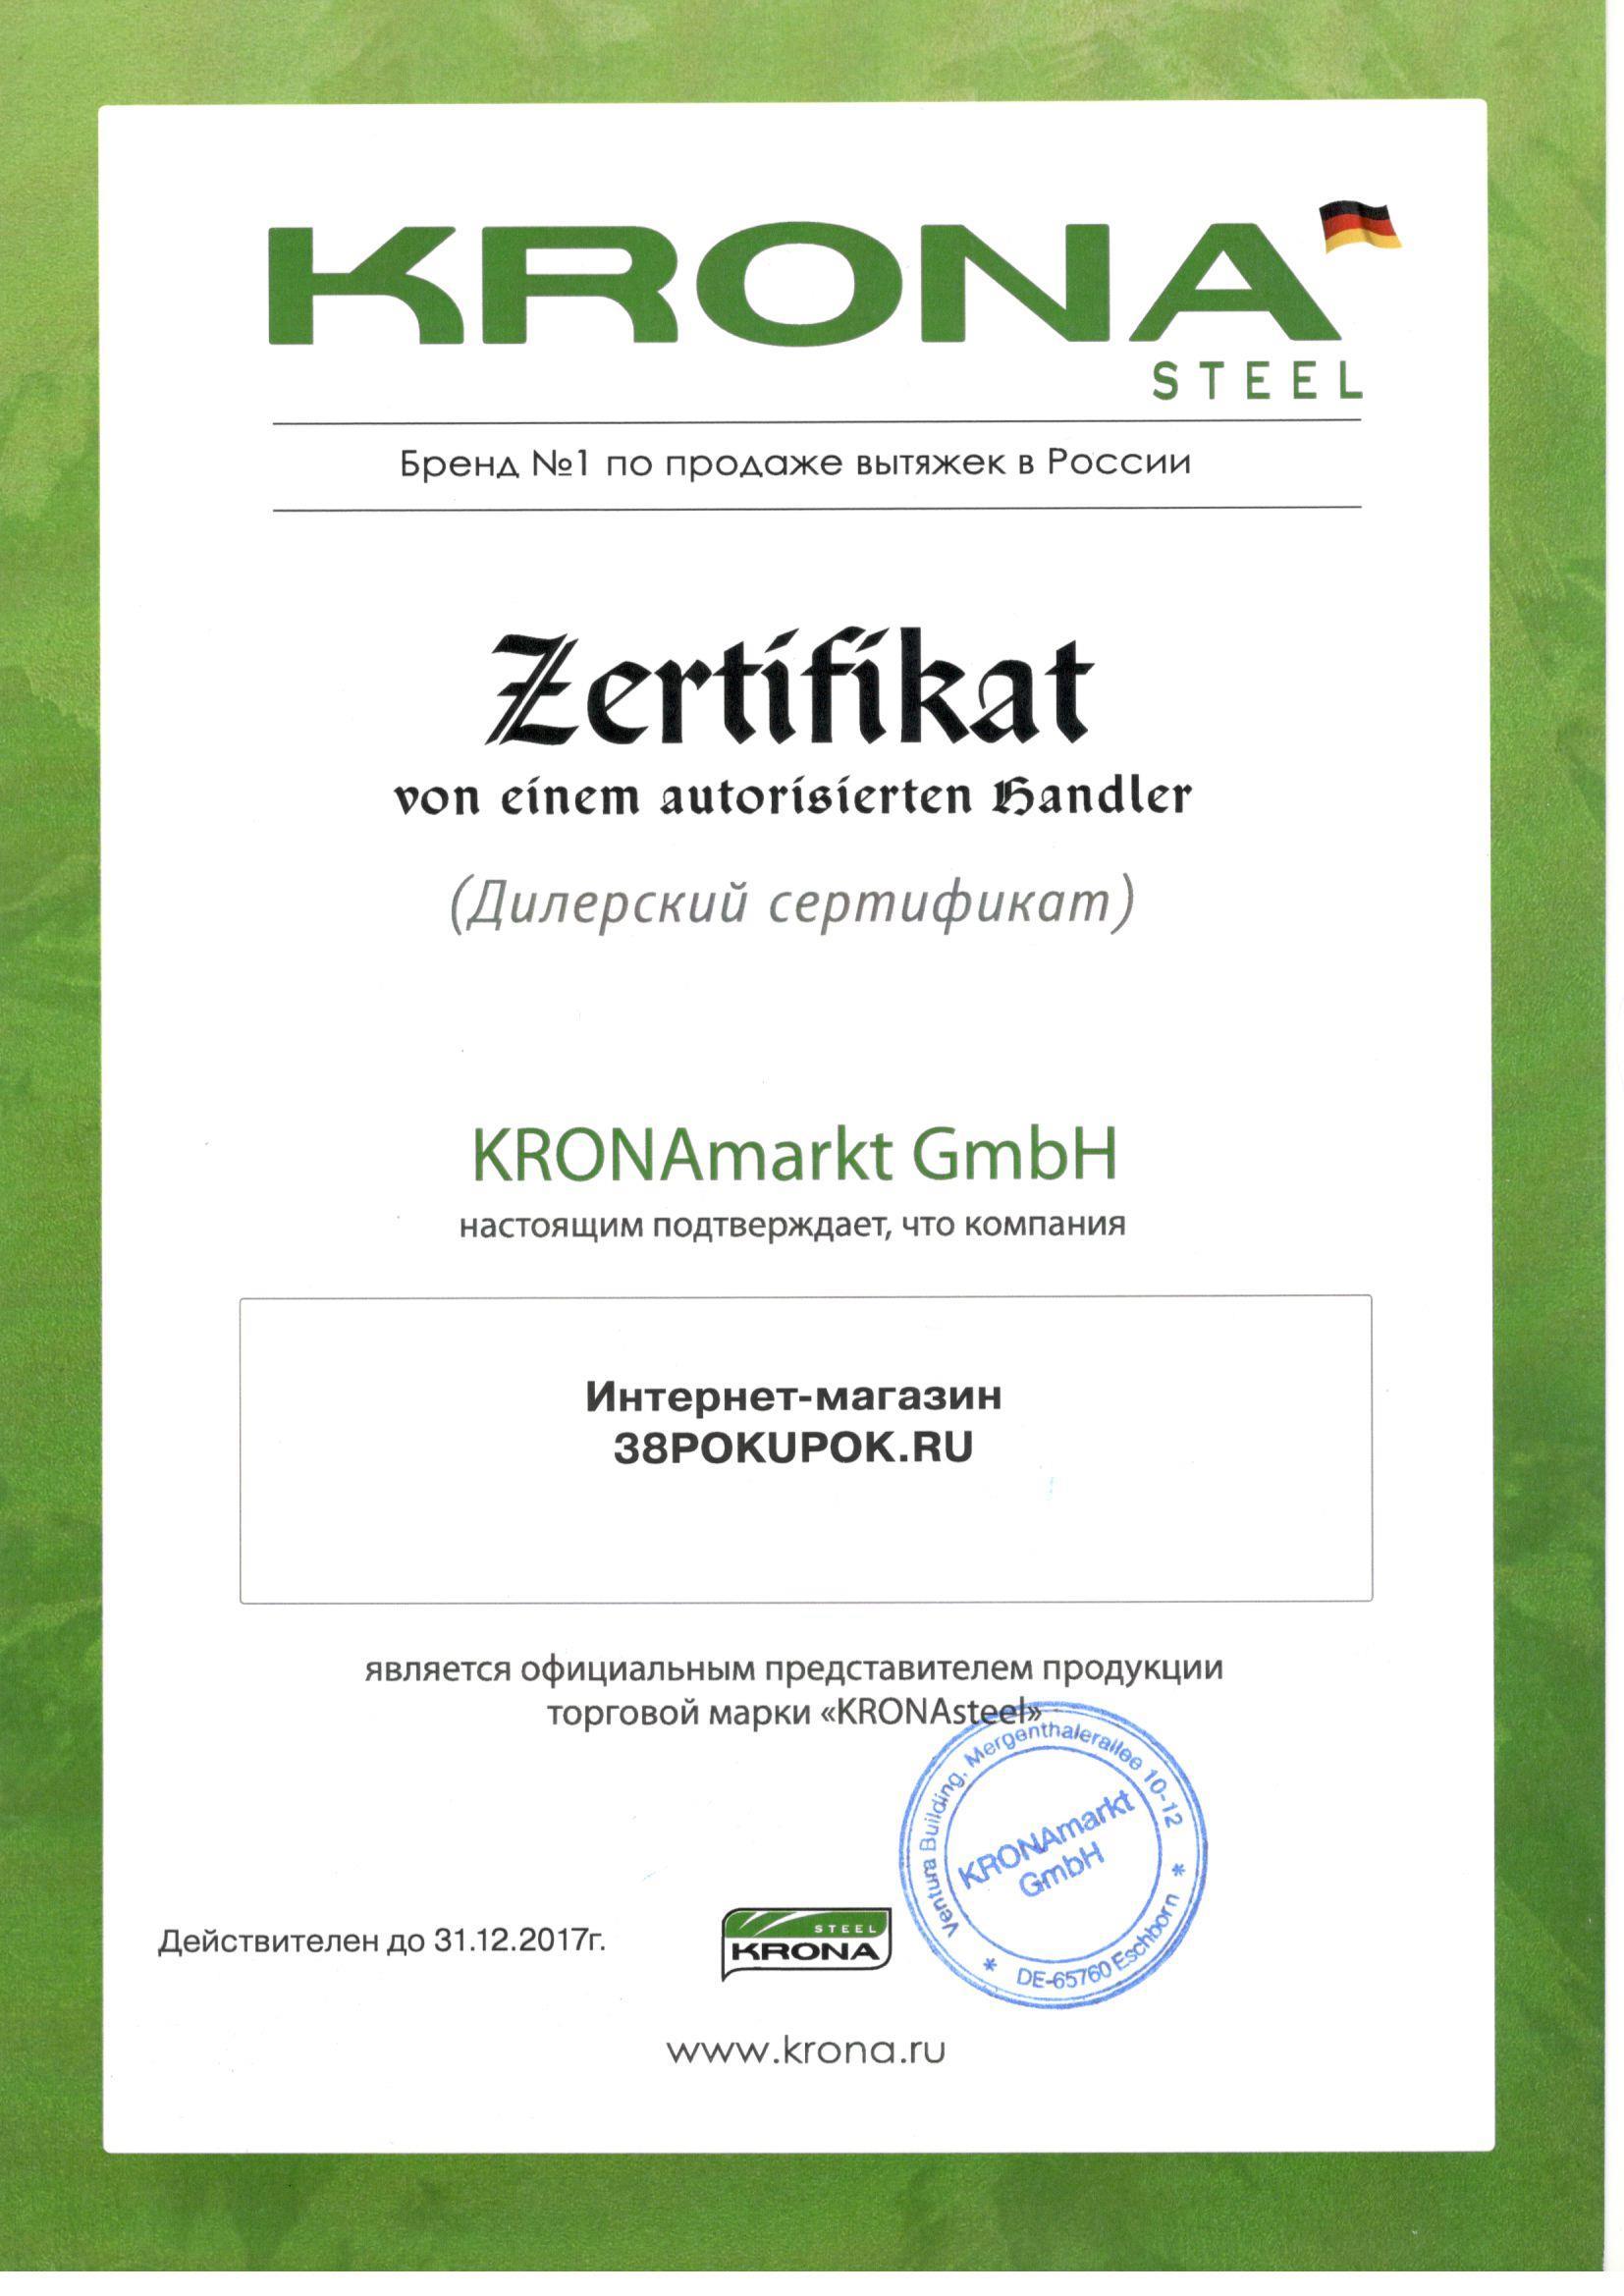 Фильтр угольный Krona тип KR F 600 (1 шт.)